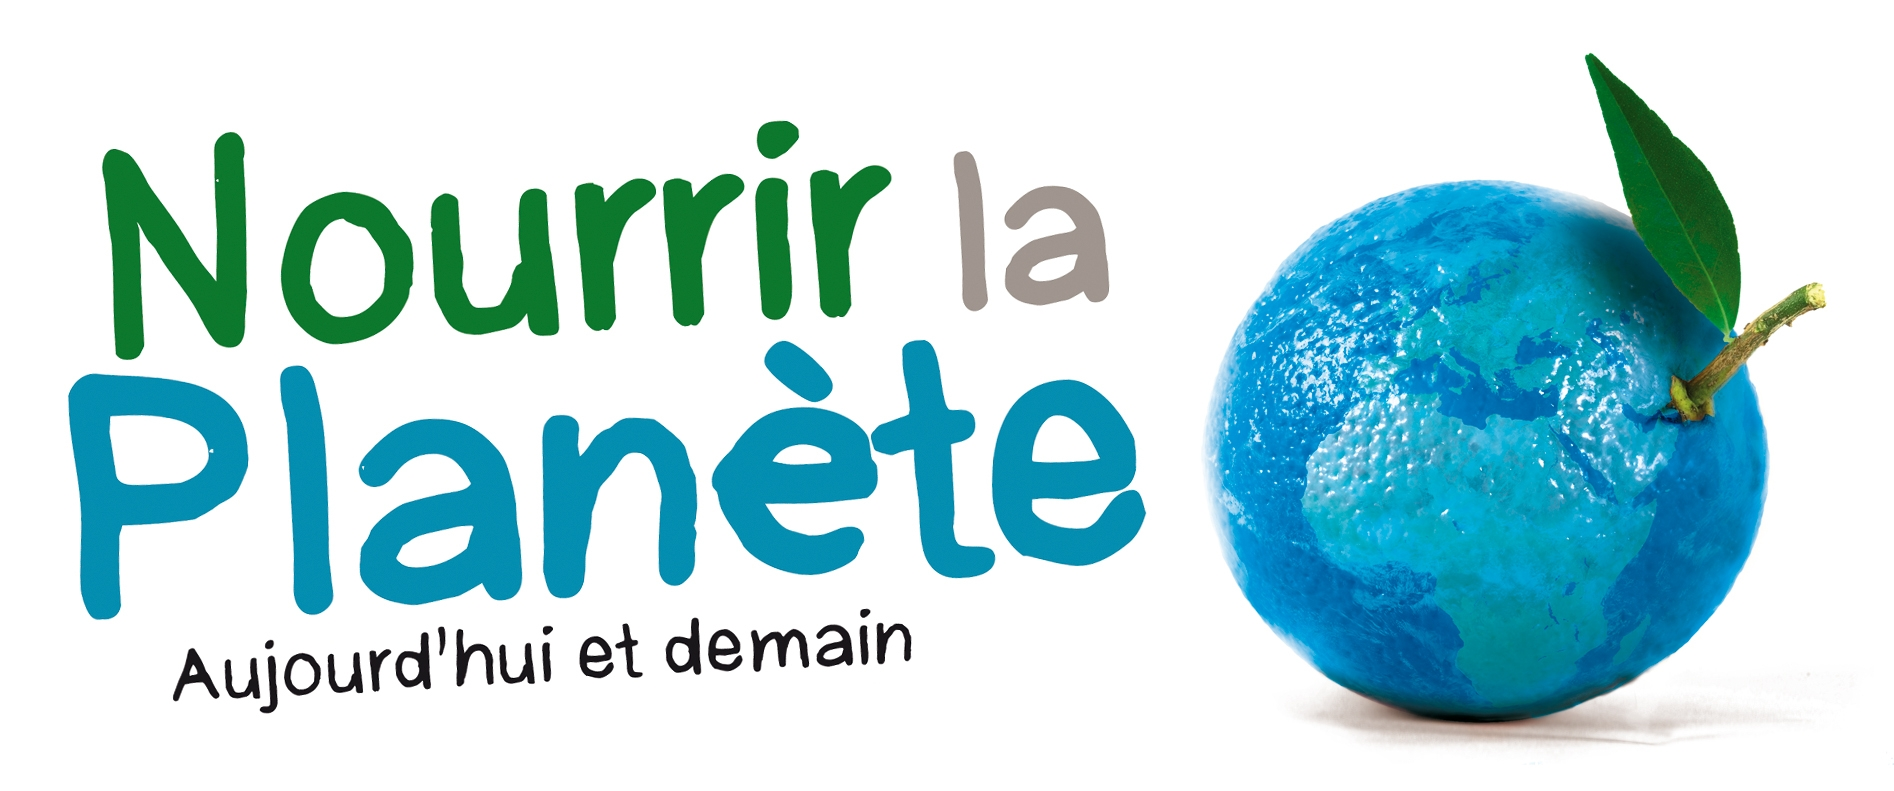 Colloque Nourrir la planète aujourd'hui et demain les 4 et 5 décembre à l'INSTN